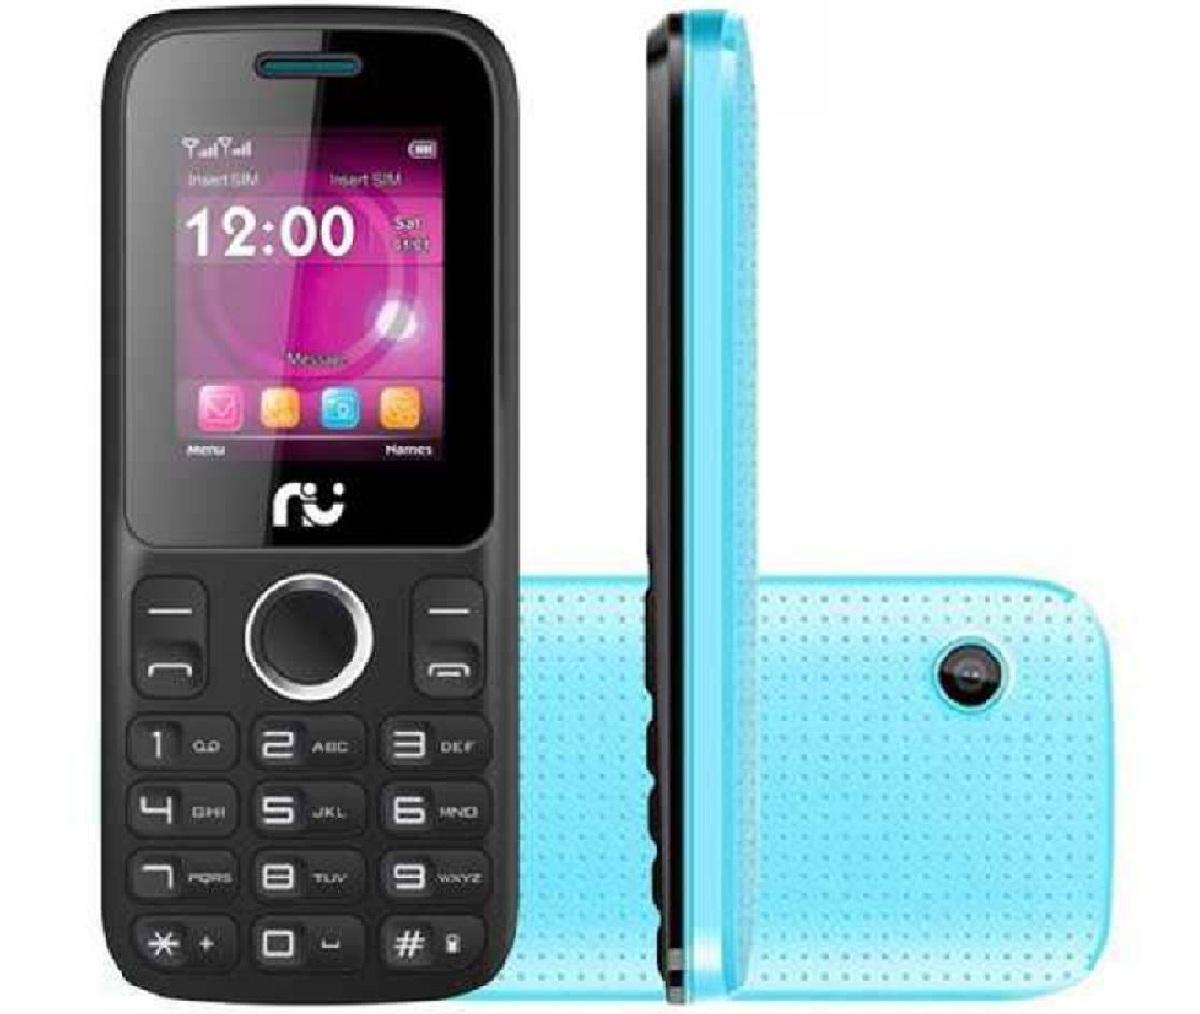 Celular Riu 1, Desbloqueado Preto E Azul, 2 Chips, Rádio - Riu